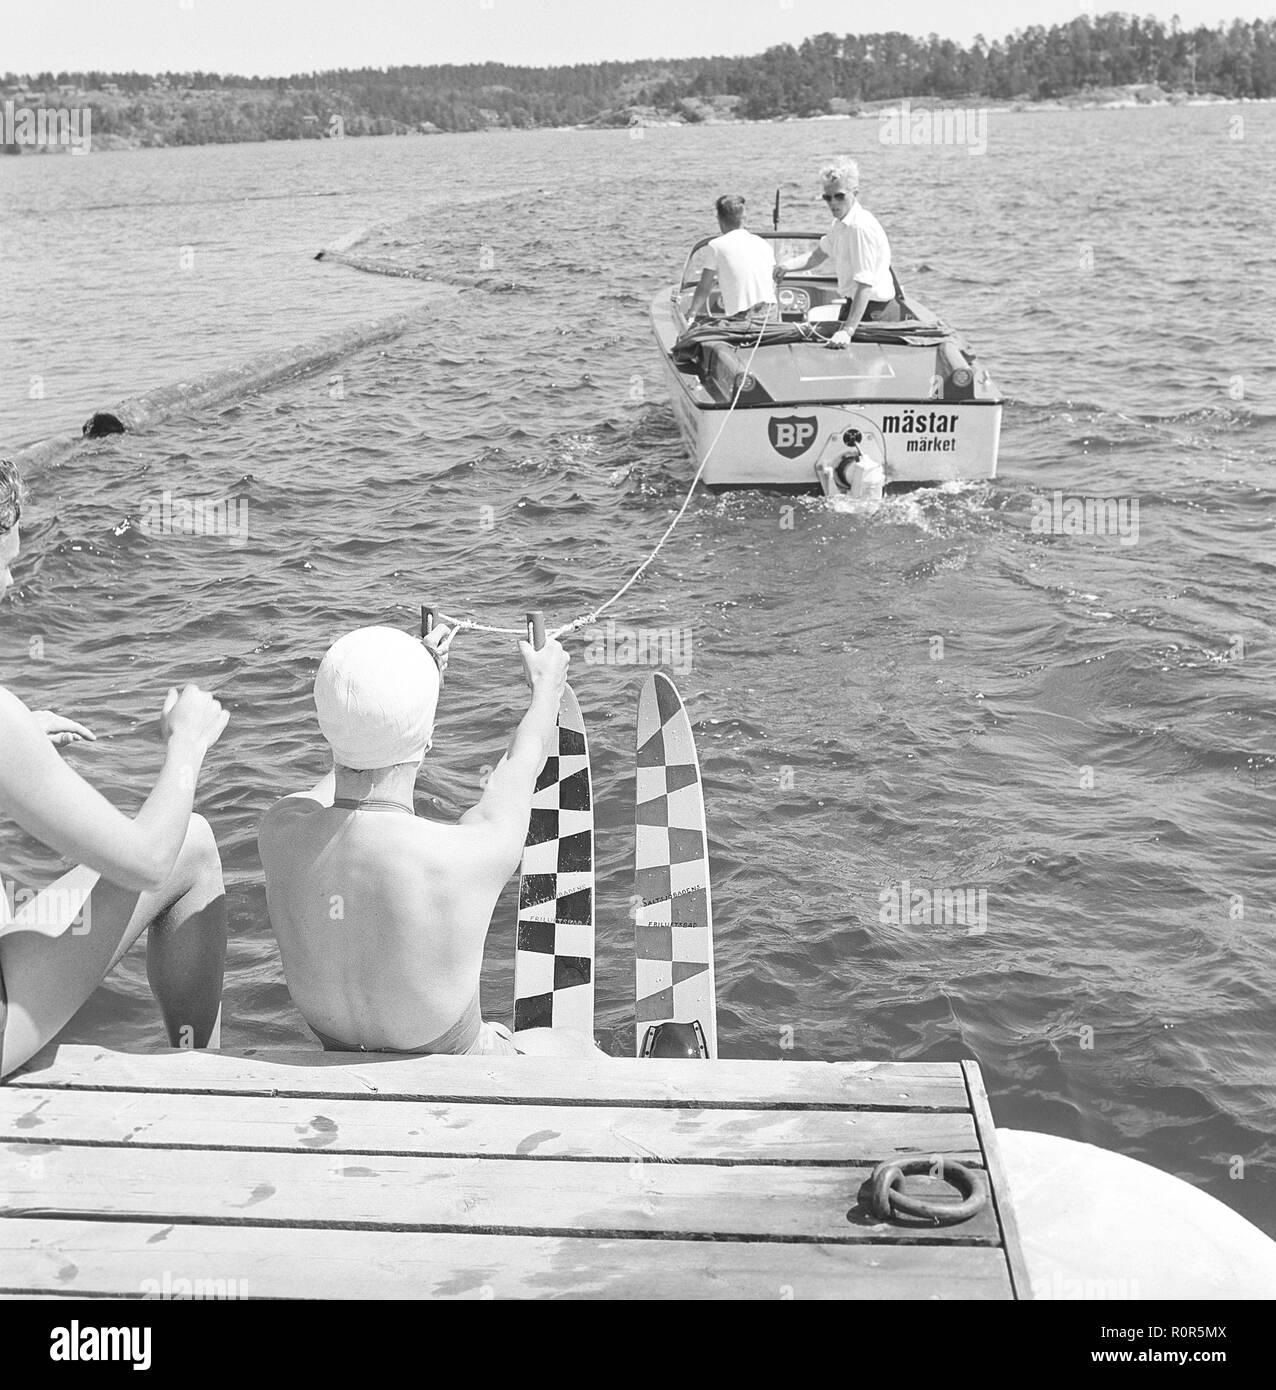 dc7bfb151ab Le ski nautique dans les années 60. Une jeune femme va le ski nautique.